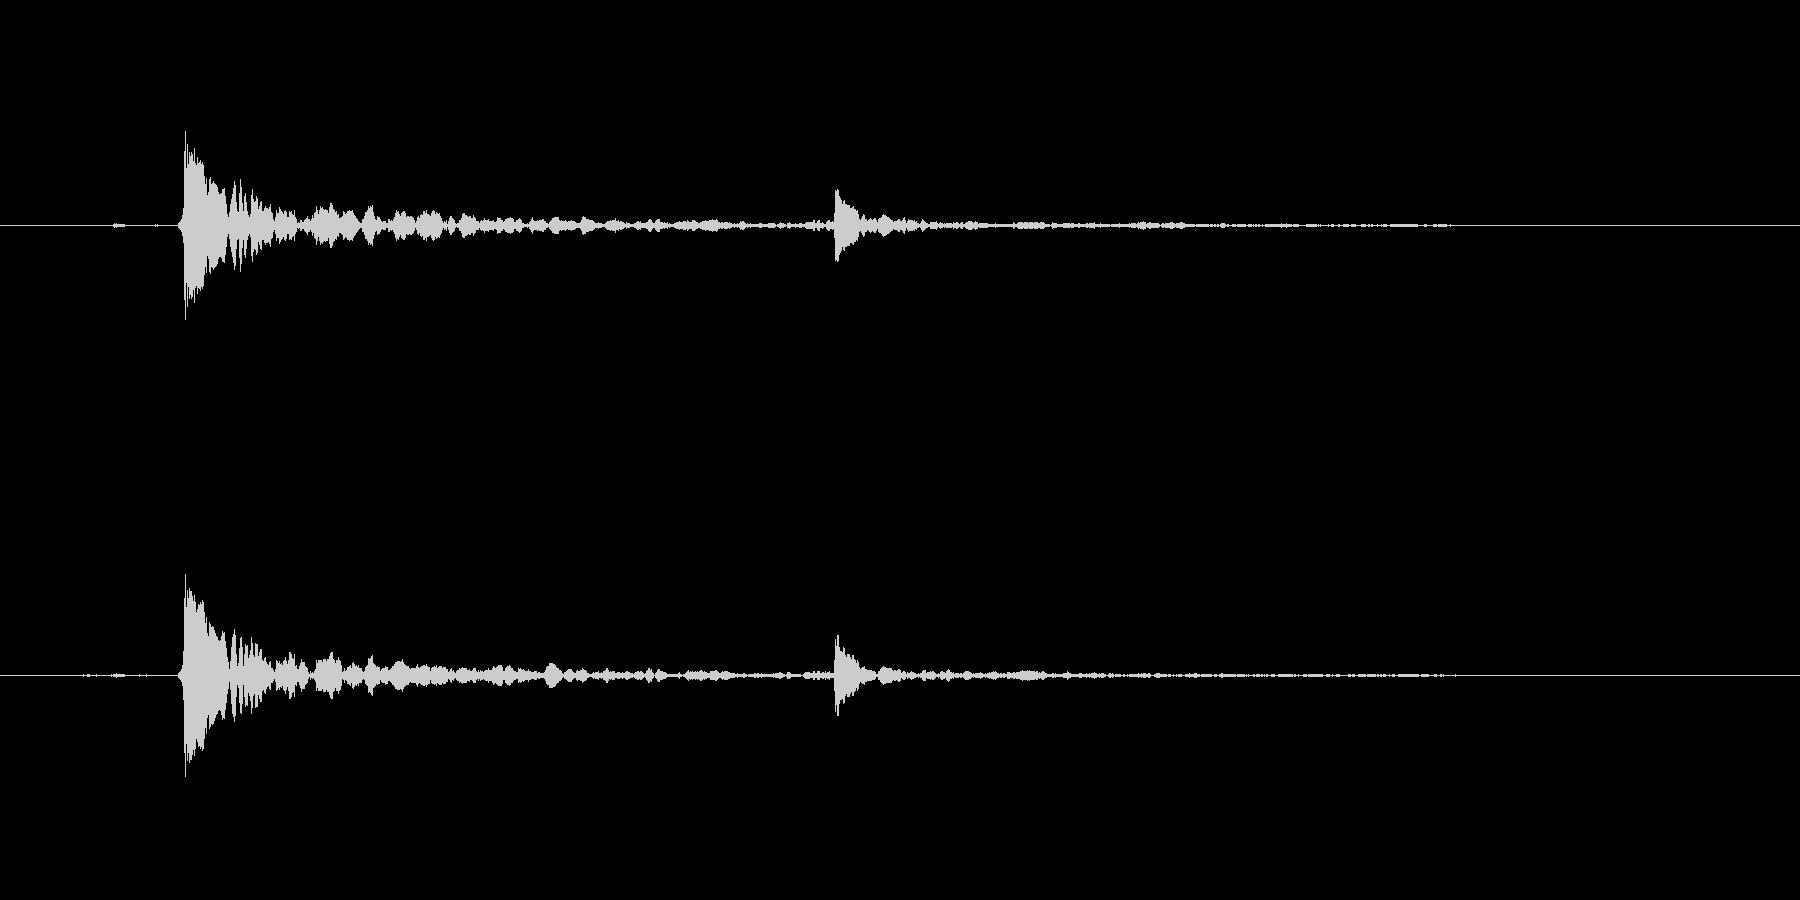 水滴-単一の水滴が水面に当たるの未再生の波形